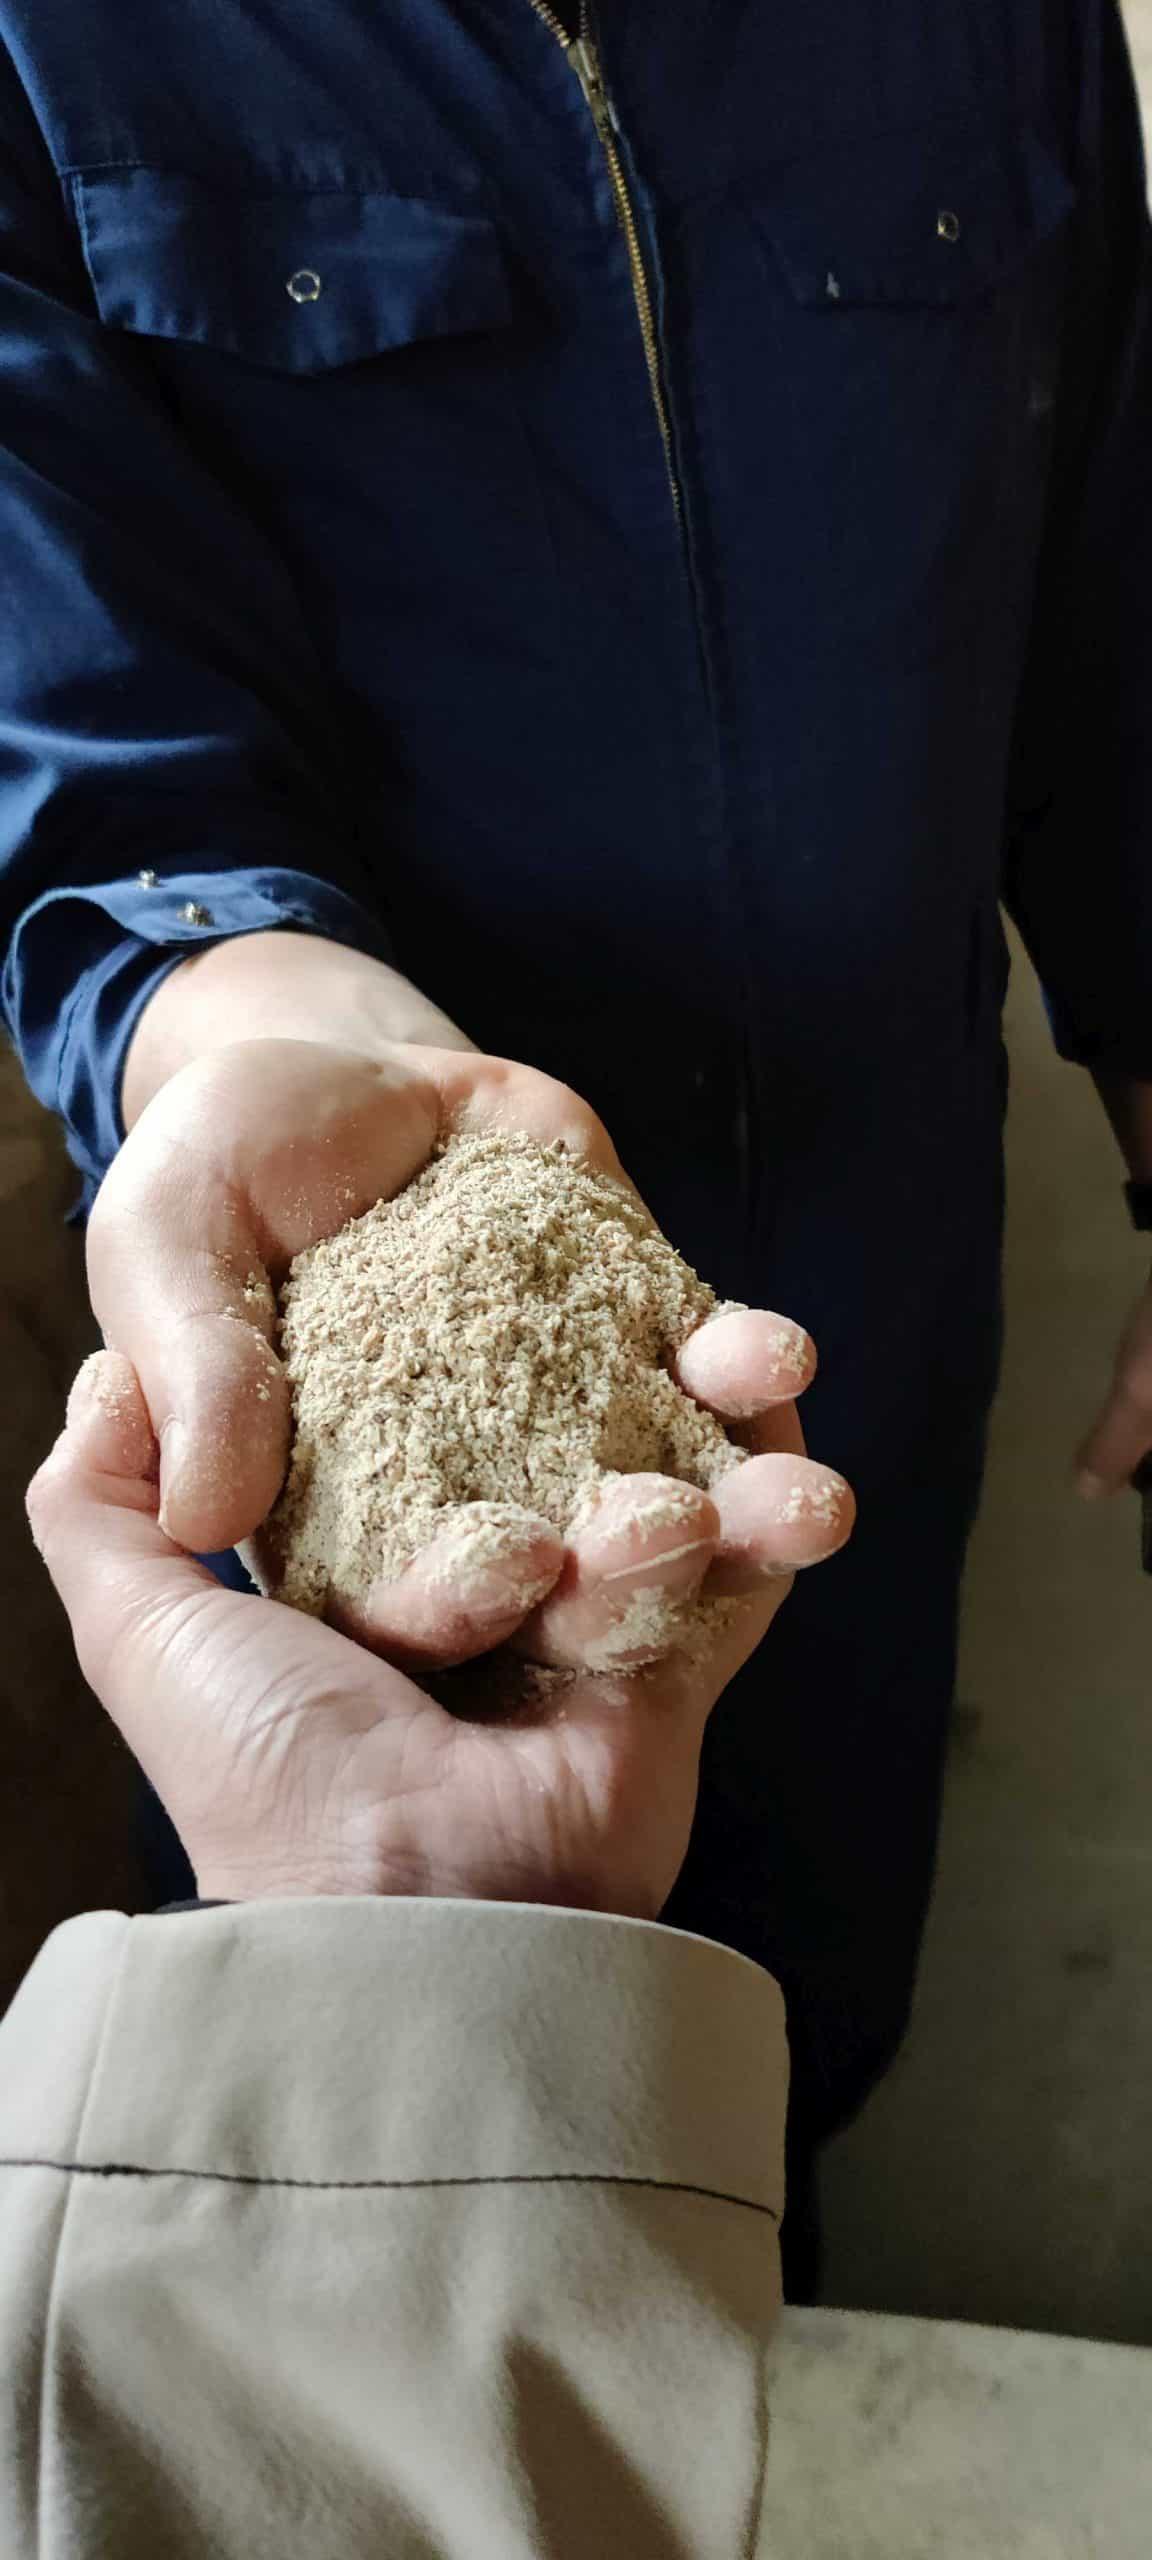 Maissilage in der Hand von Wilhelm Geiger